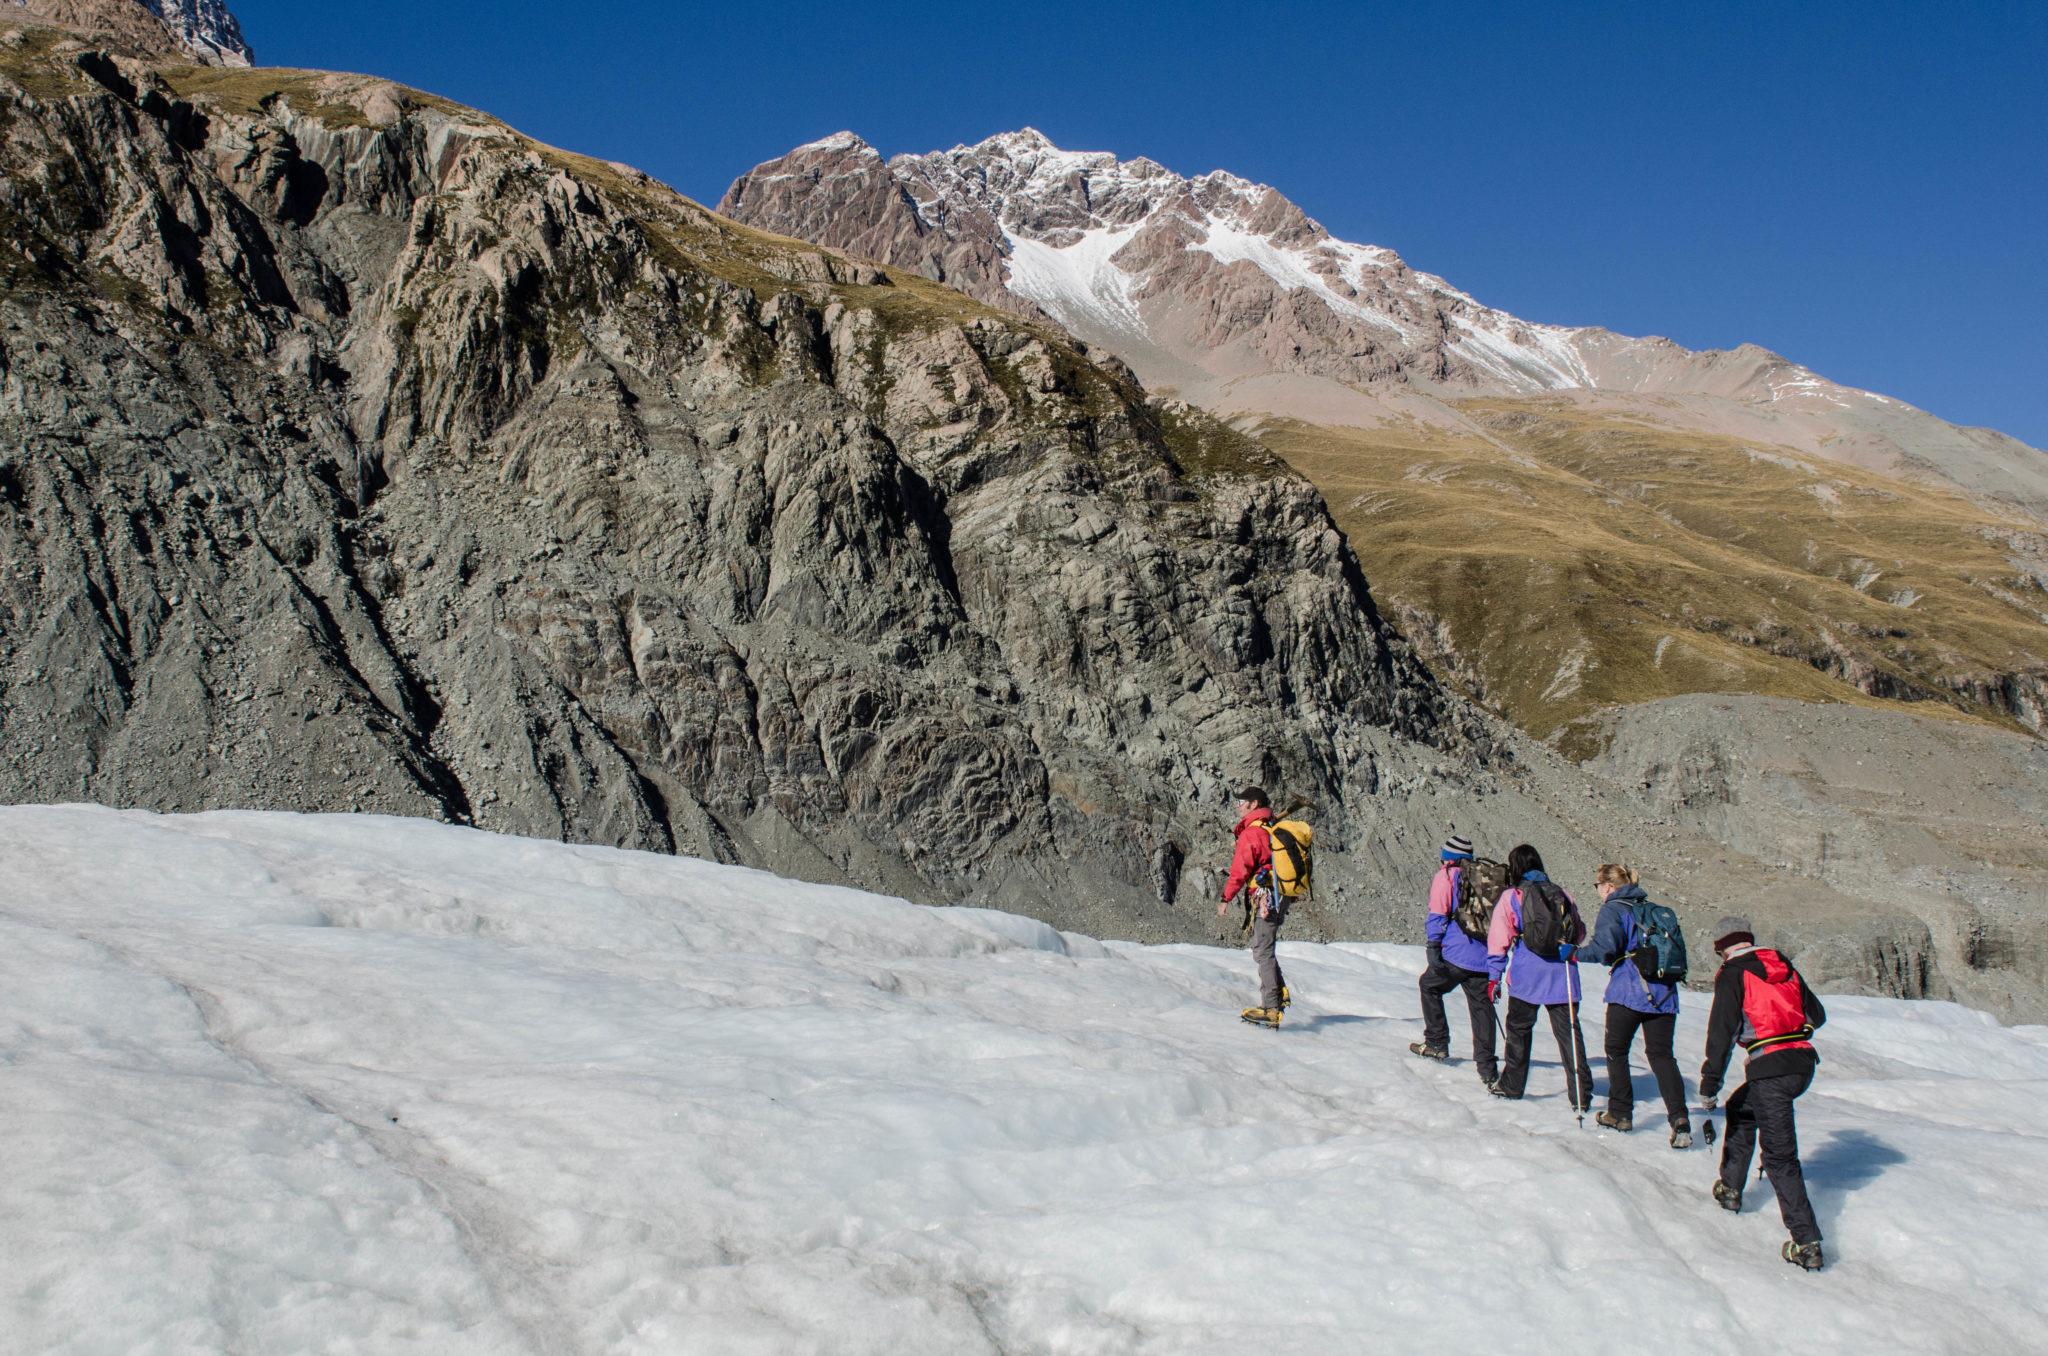 Eine Gletscherwanderung auf dem Mount Cook in Neuseeland